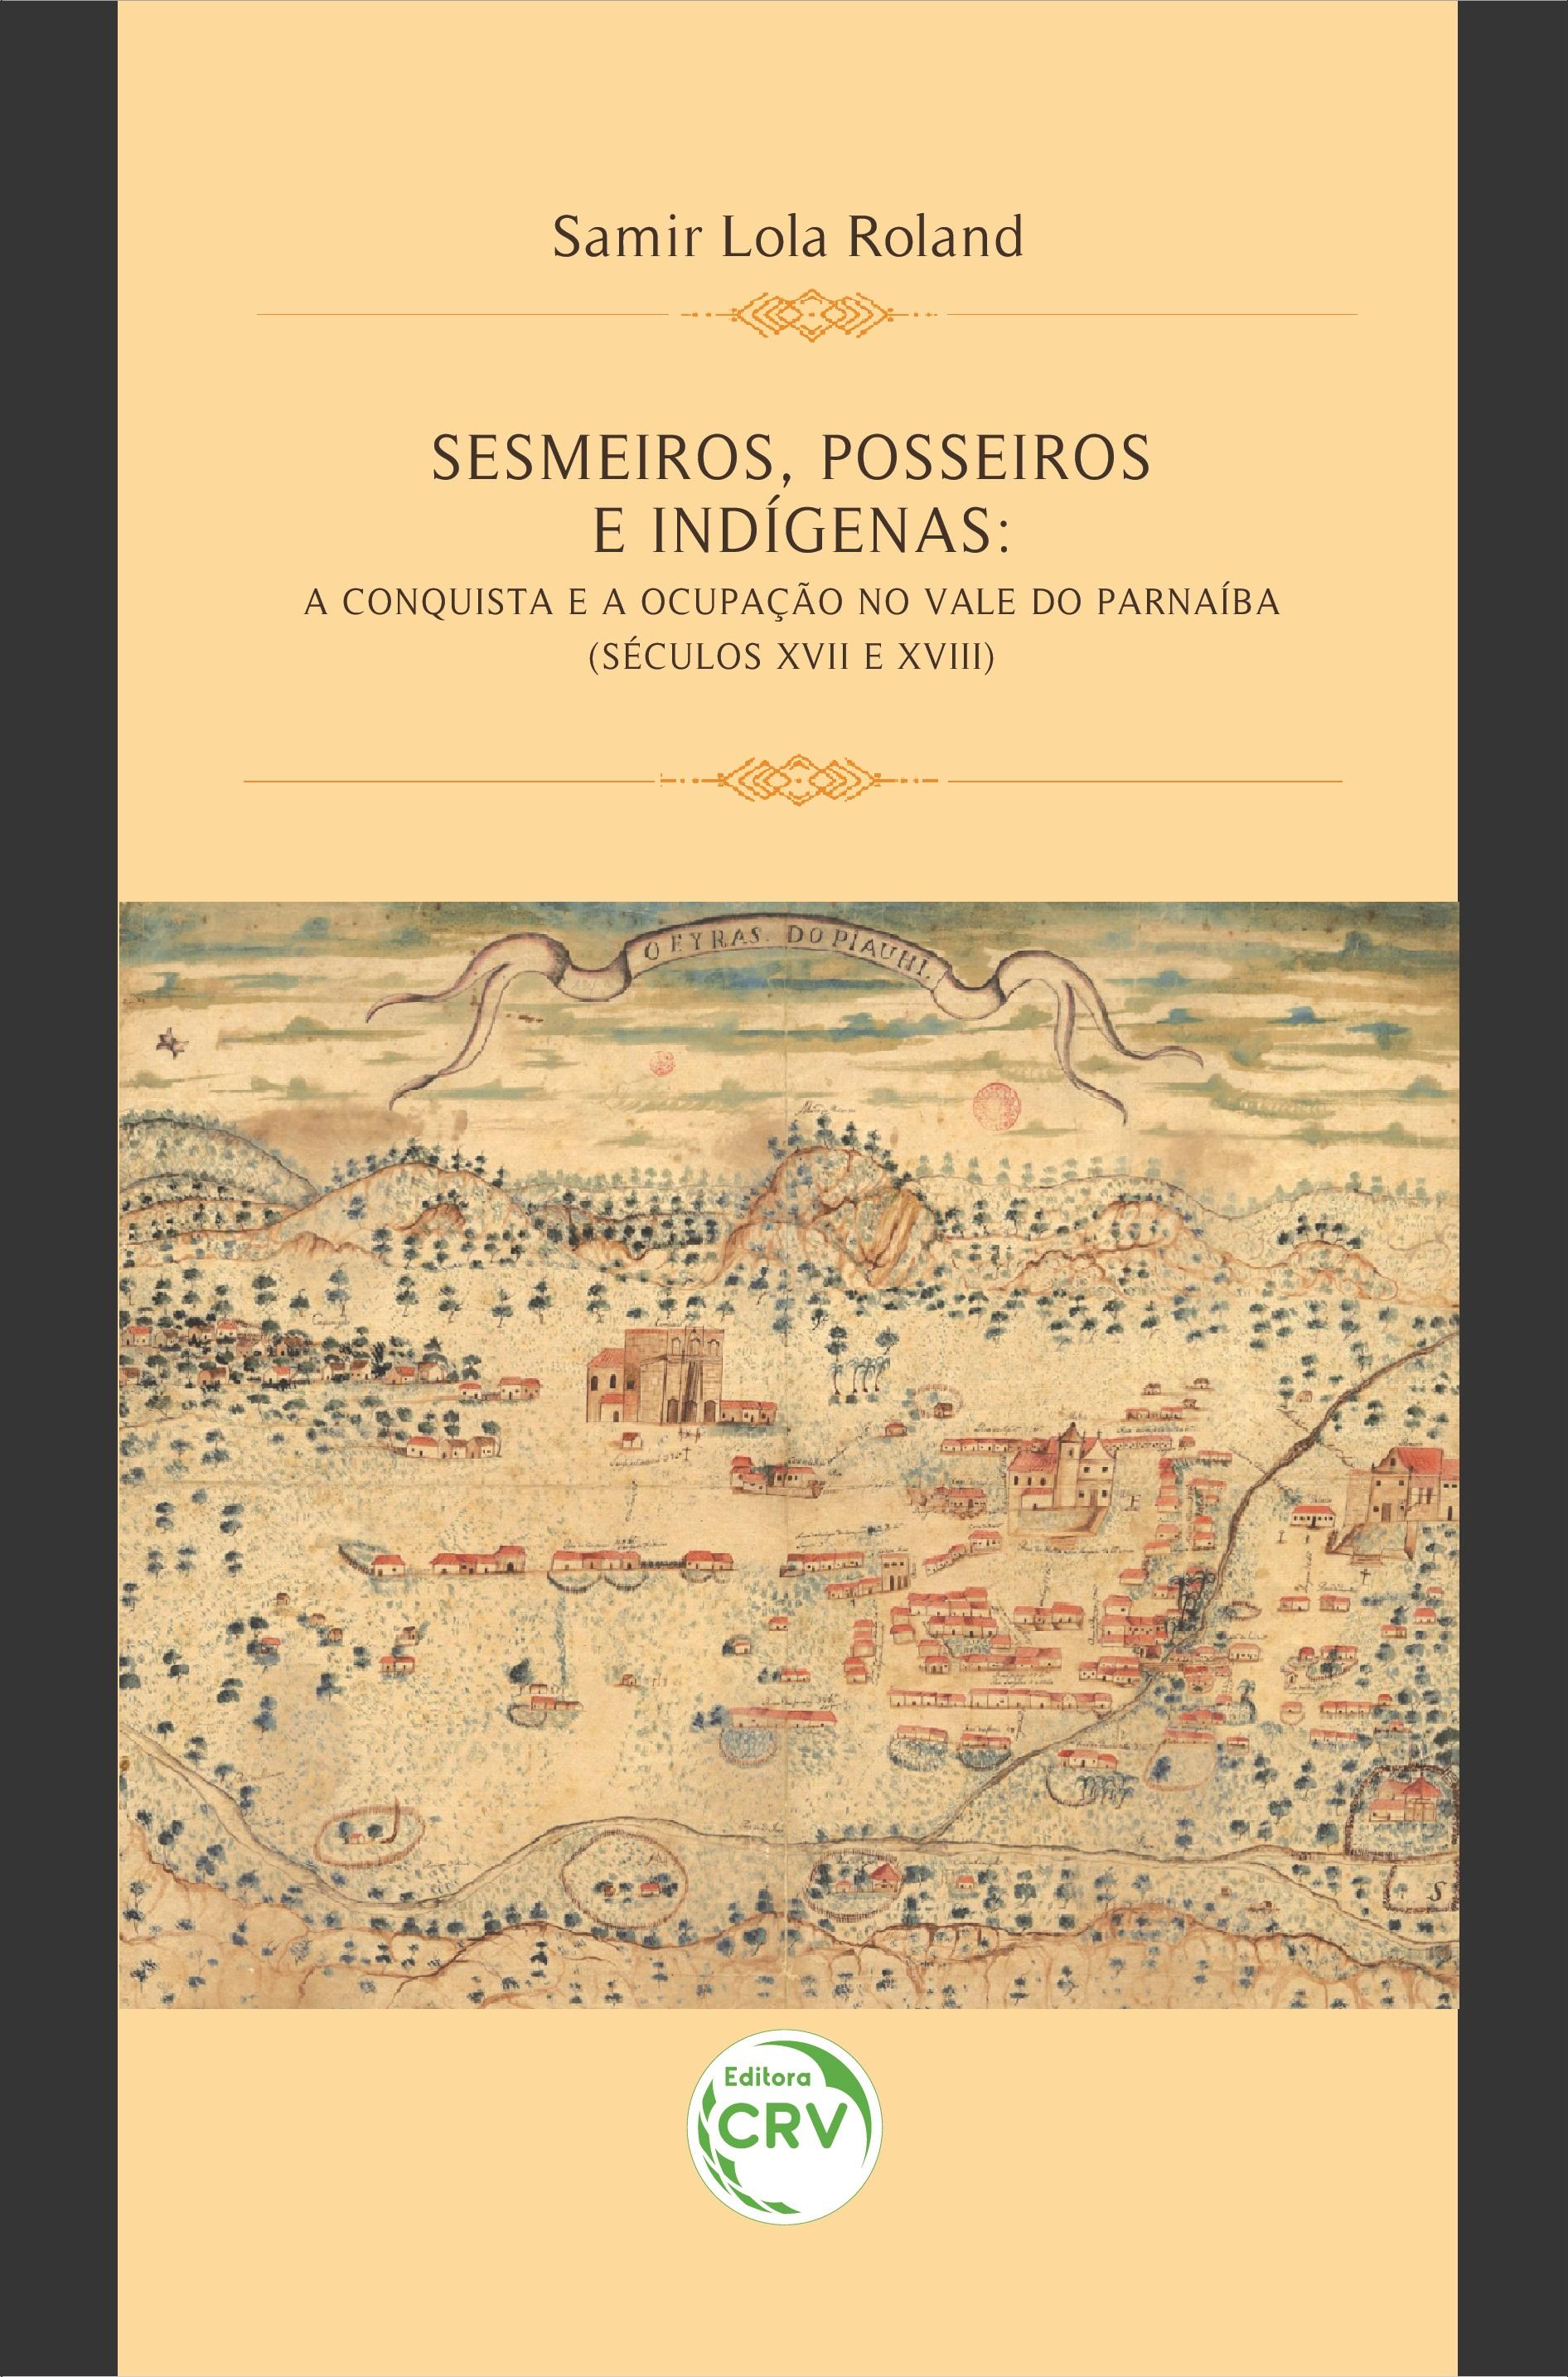 Capa do livro: SESMEIROS, POSSEIROS E INDÍGENAS:<br> a conquista e a ocupação no Vale do Parnaíba (séculos XVII e XVIII)